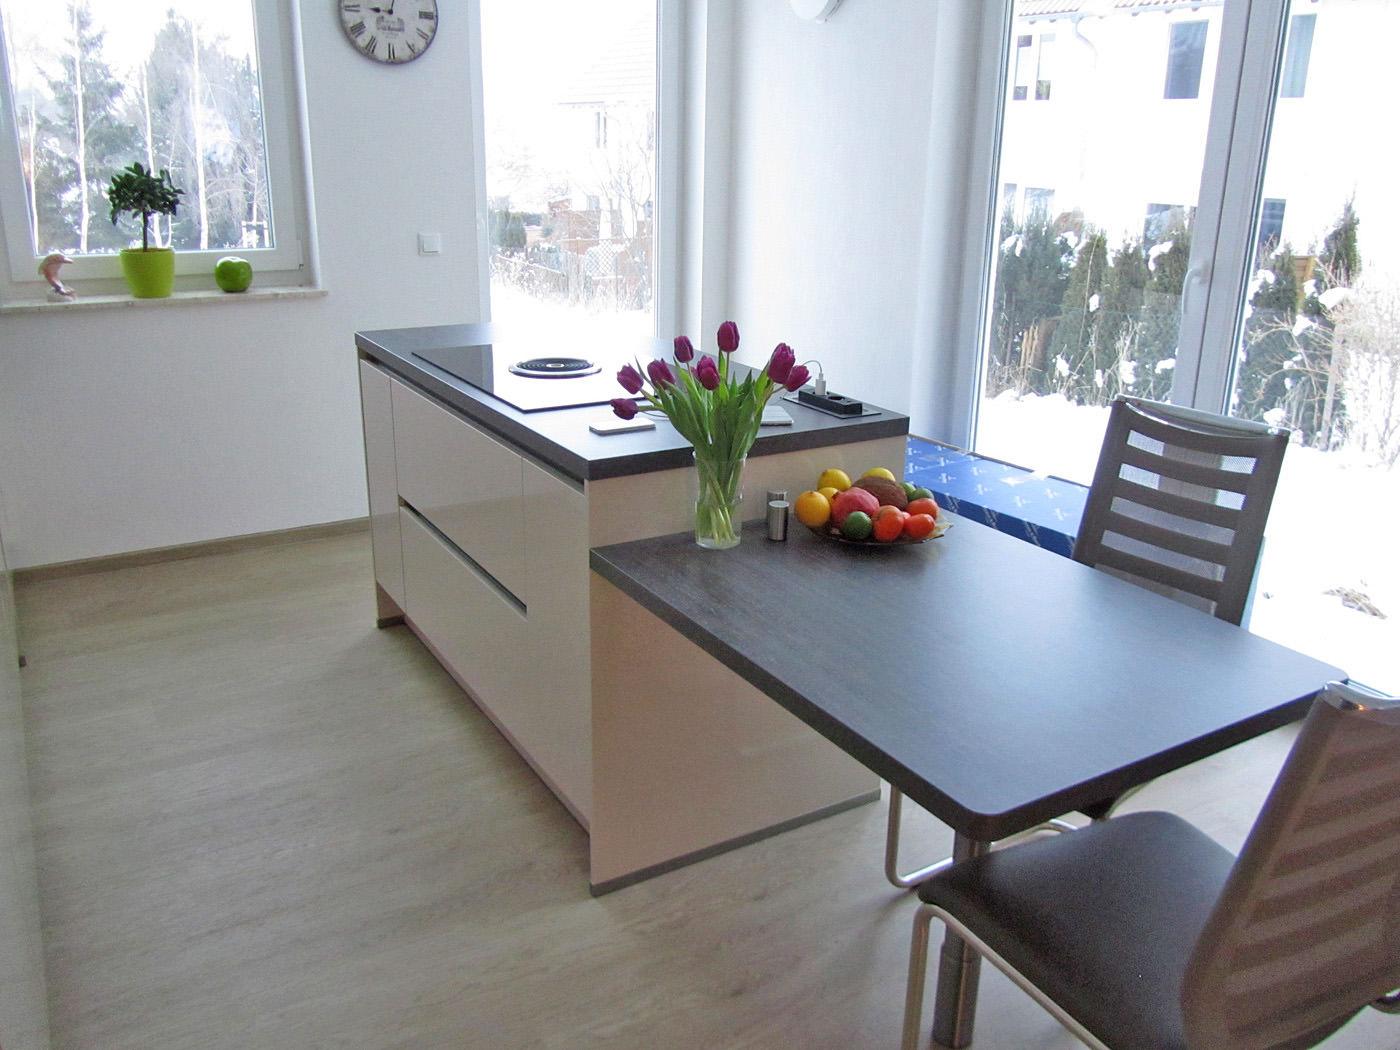 Küchenstudio Dresden röckl küchen mobiles küchenstudio in dresden